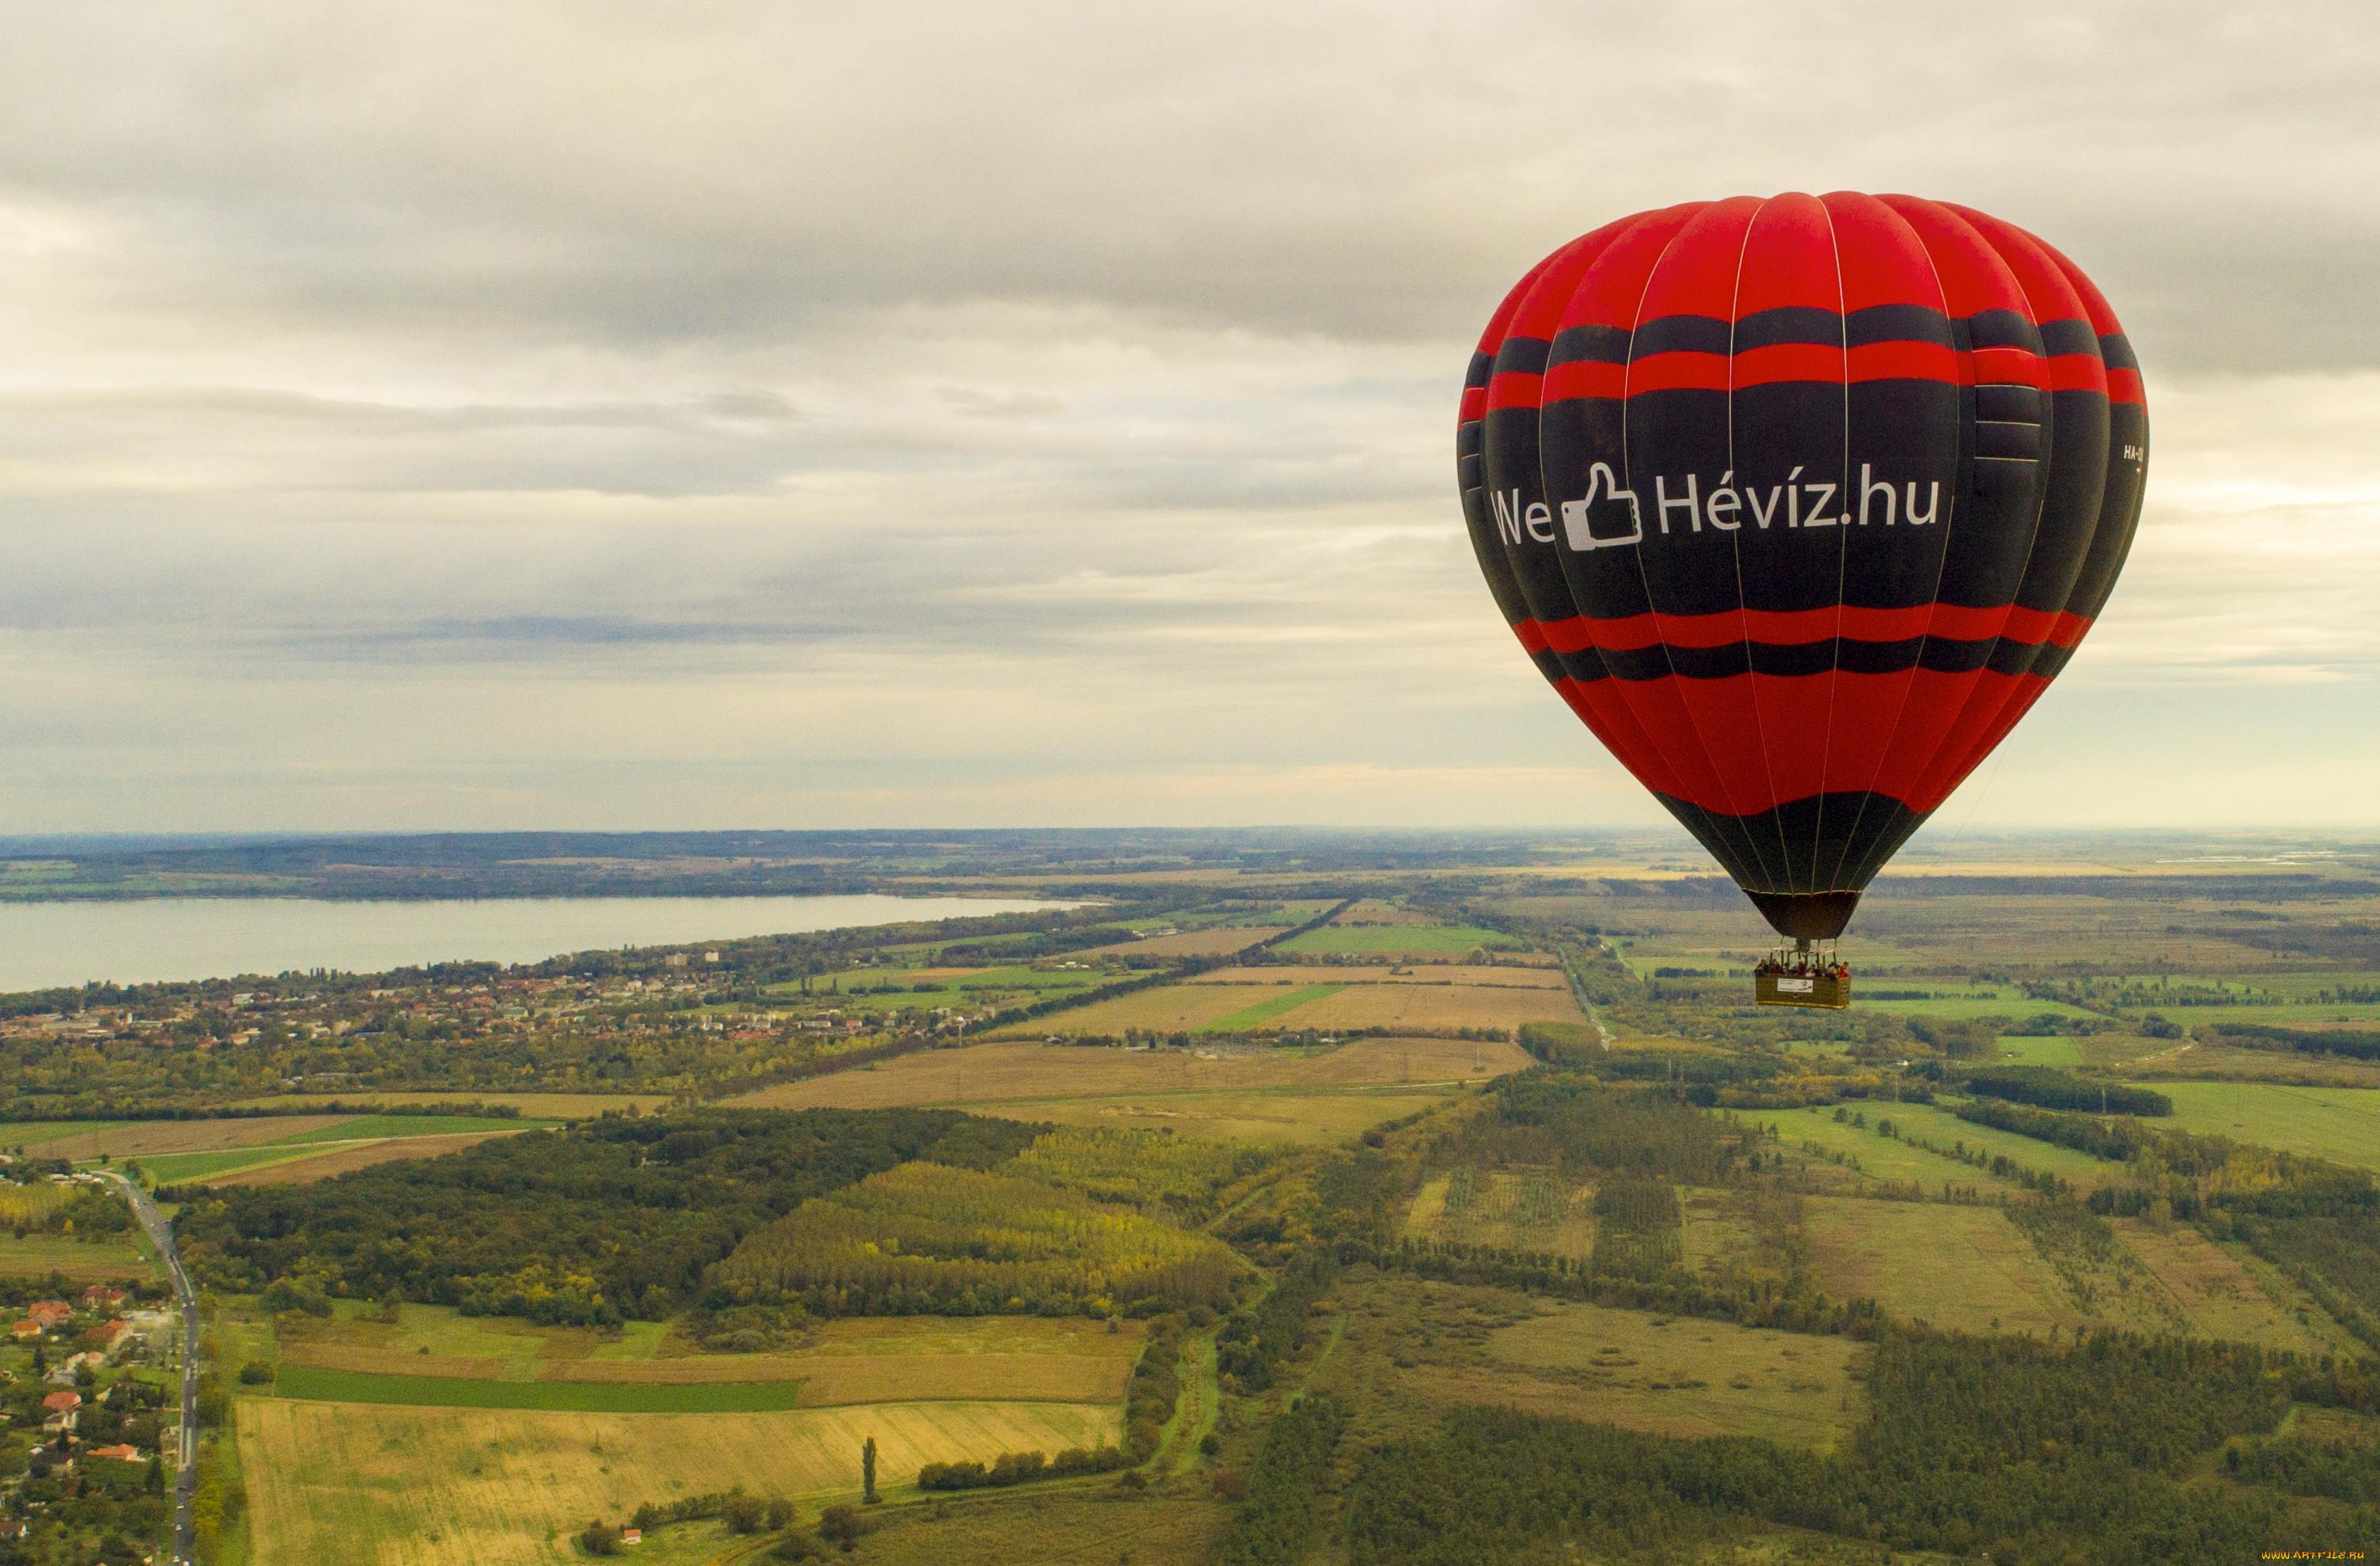 воздушный шар, авиация, воздушные шары дирижабли, воздушный, шар, полёт